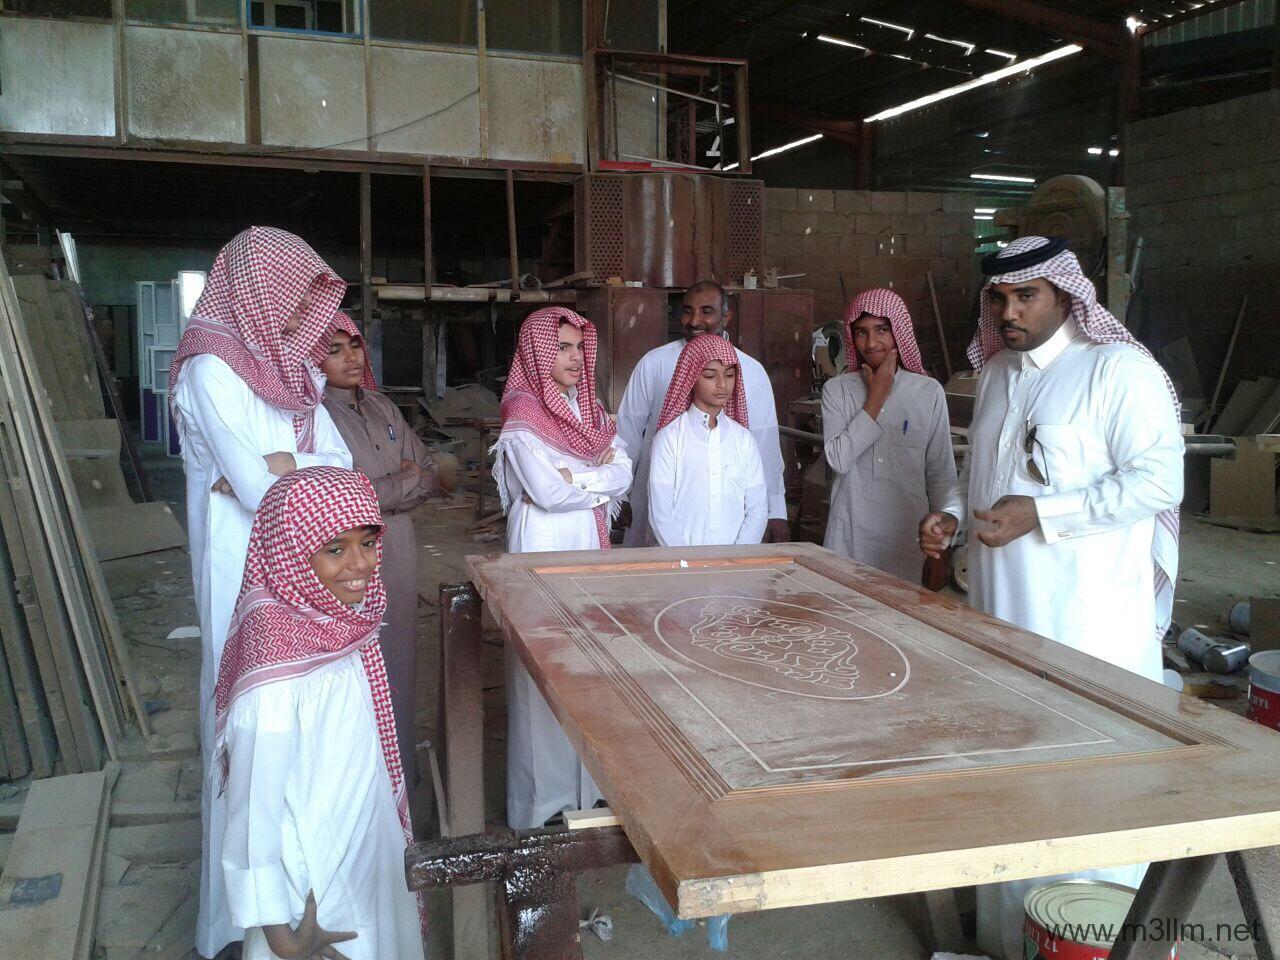 ثانوية عبدالله بن سلمة في جولة للتعرف على المهن